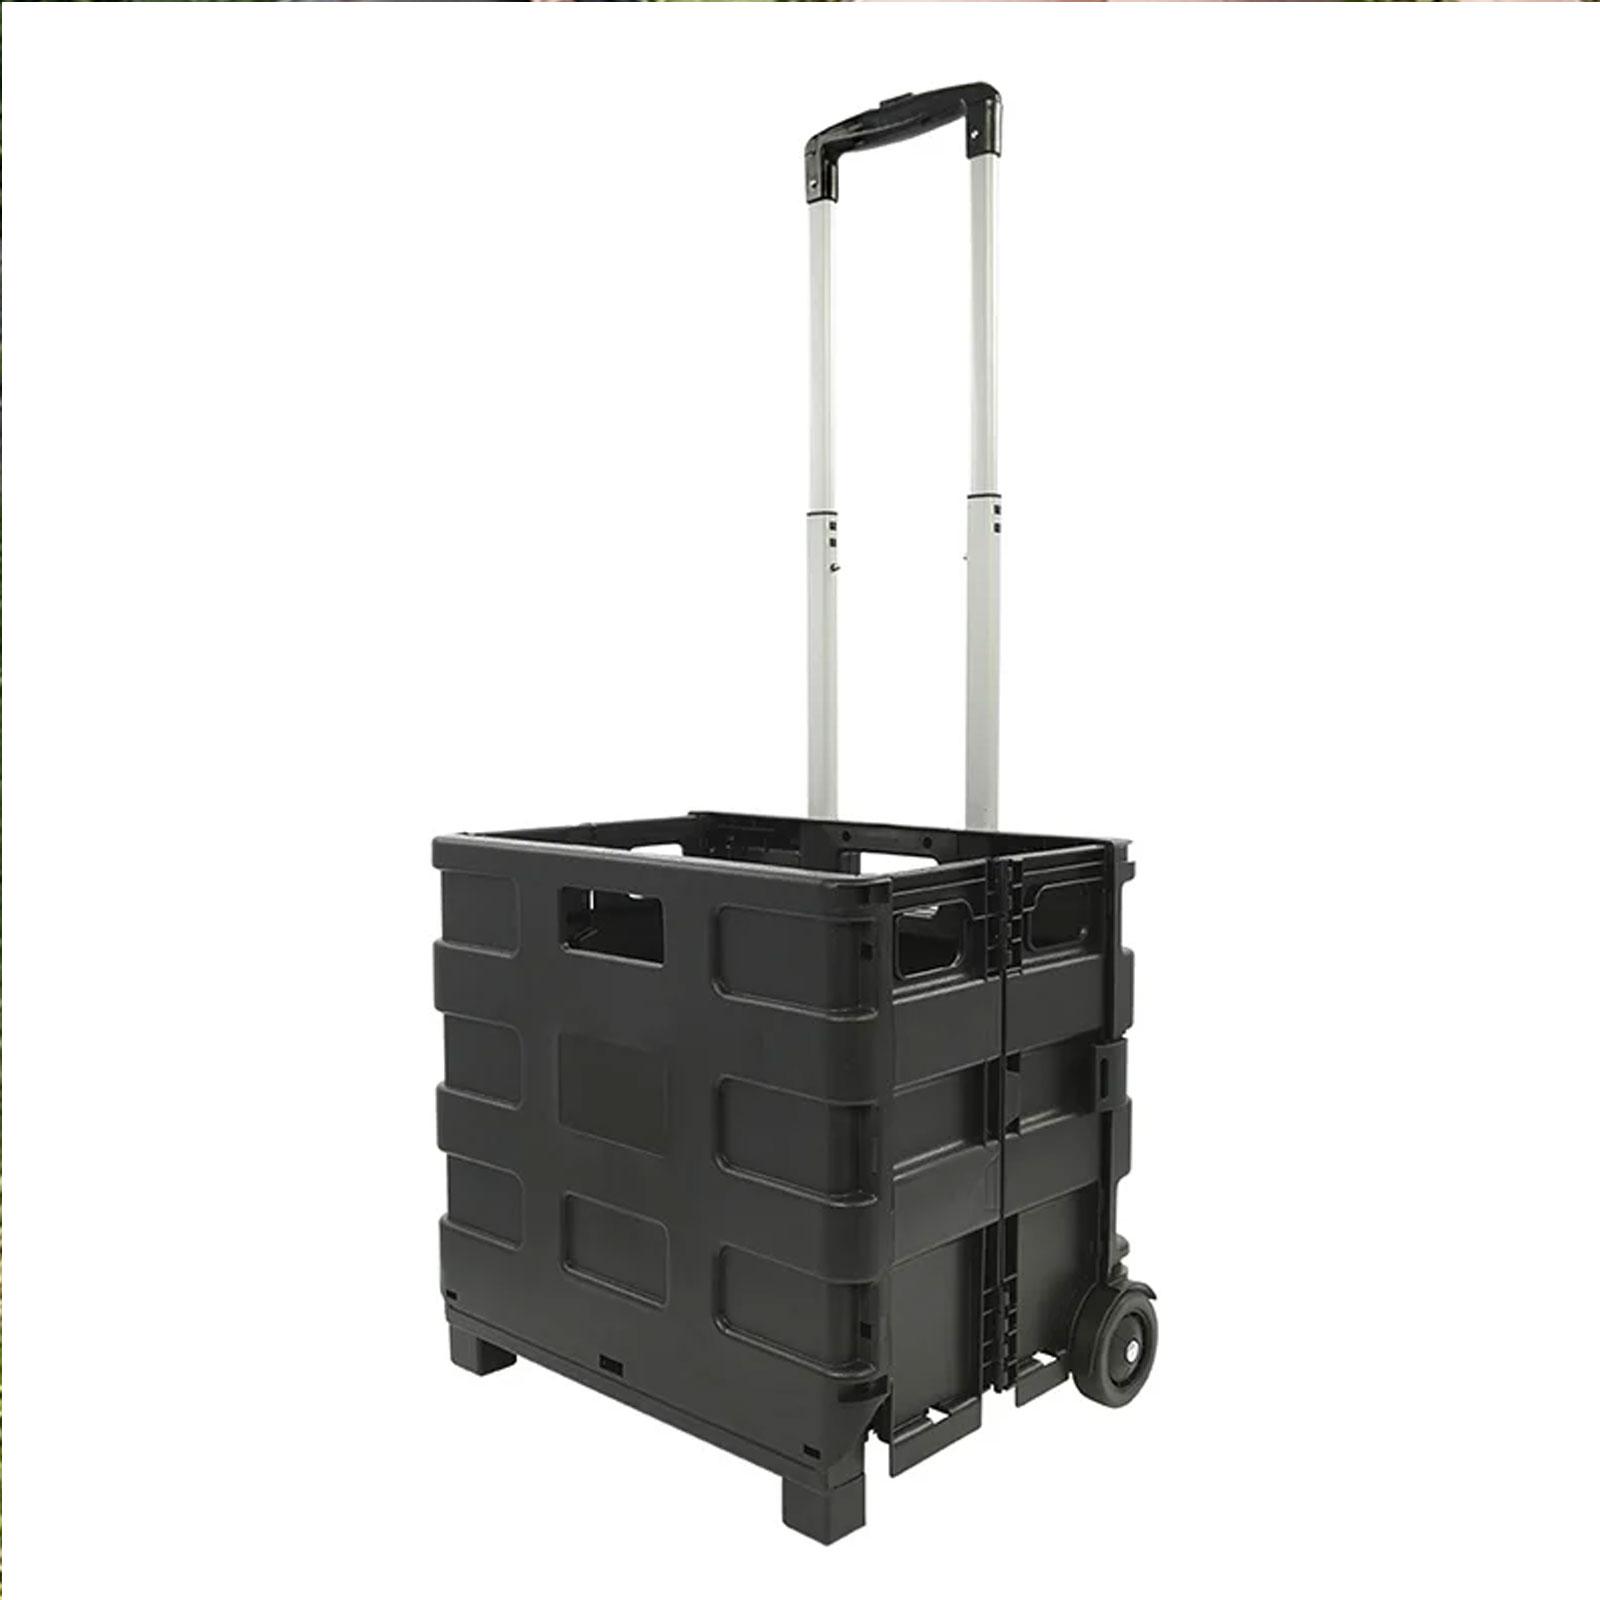 Transportwagen für Gasflaschen faltbar Einkaufskorb belastbar bis 25 kg